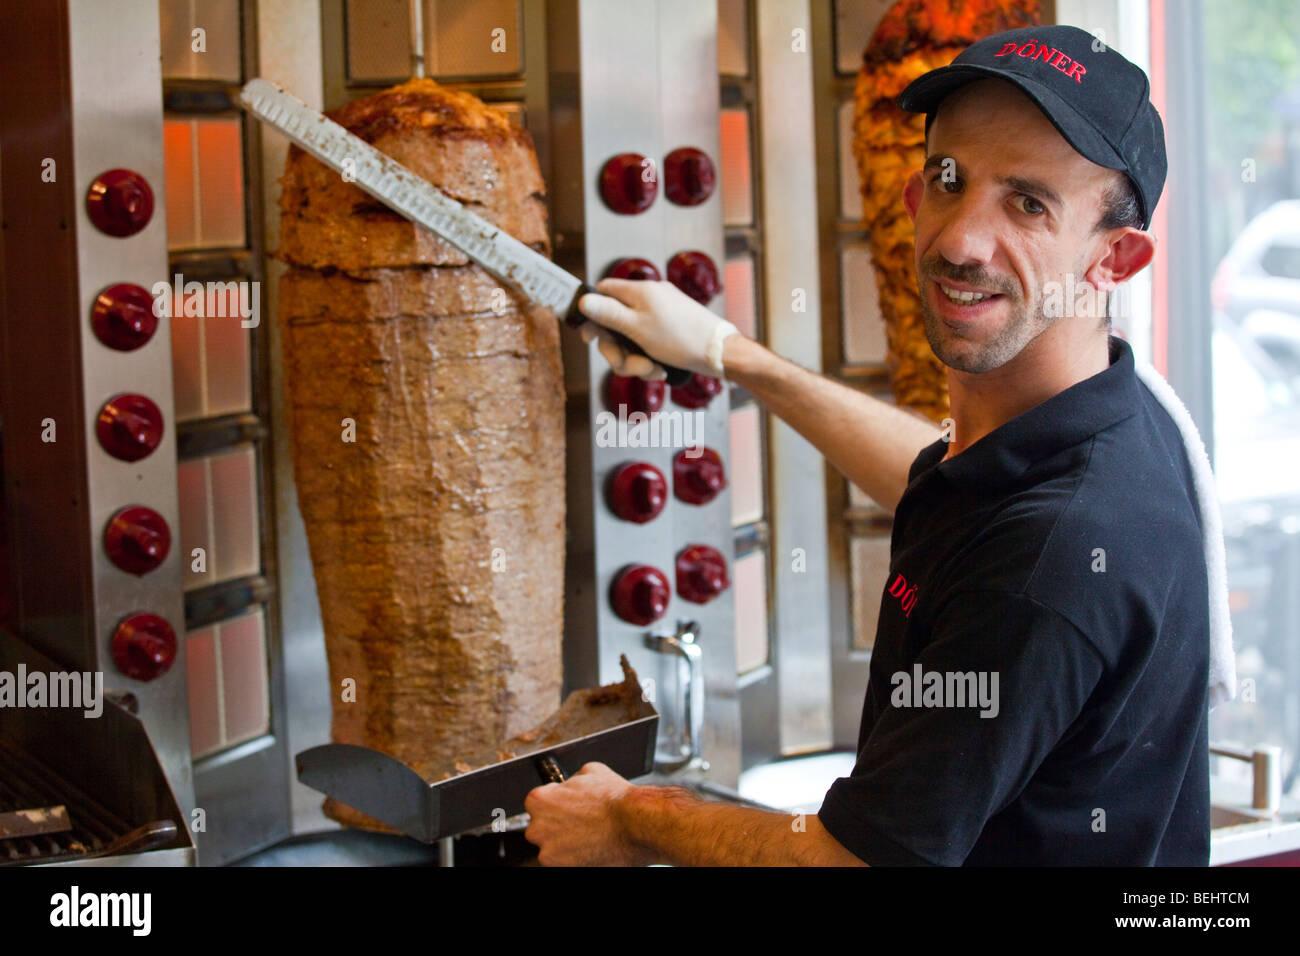 Man Making Kebab Stockfotos & Man Making Kebab Bilder - Alamy